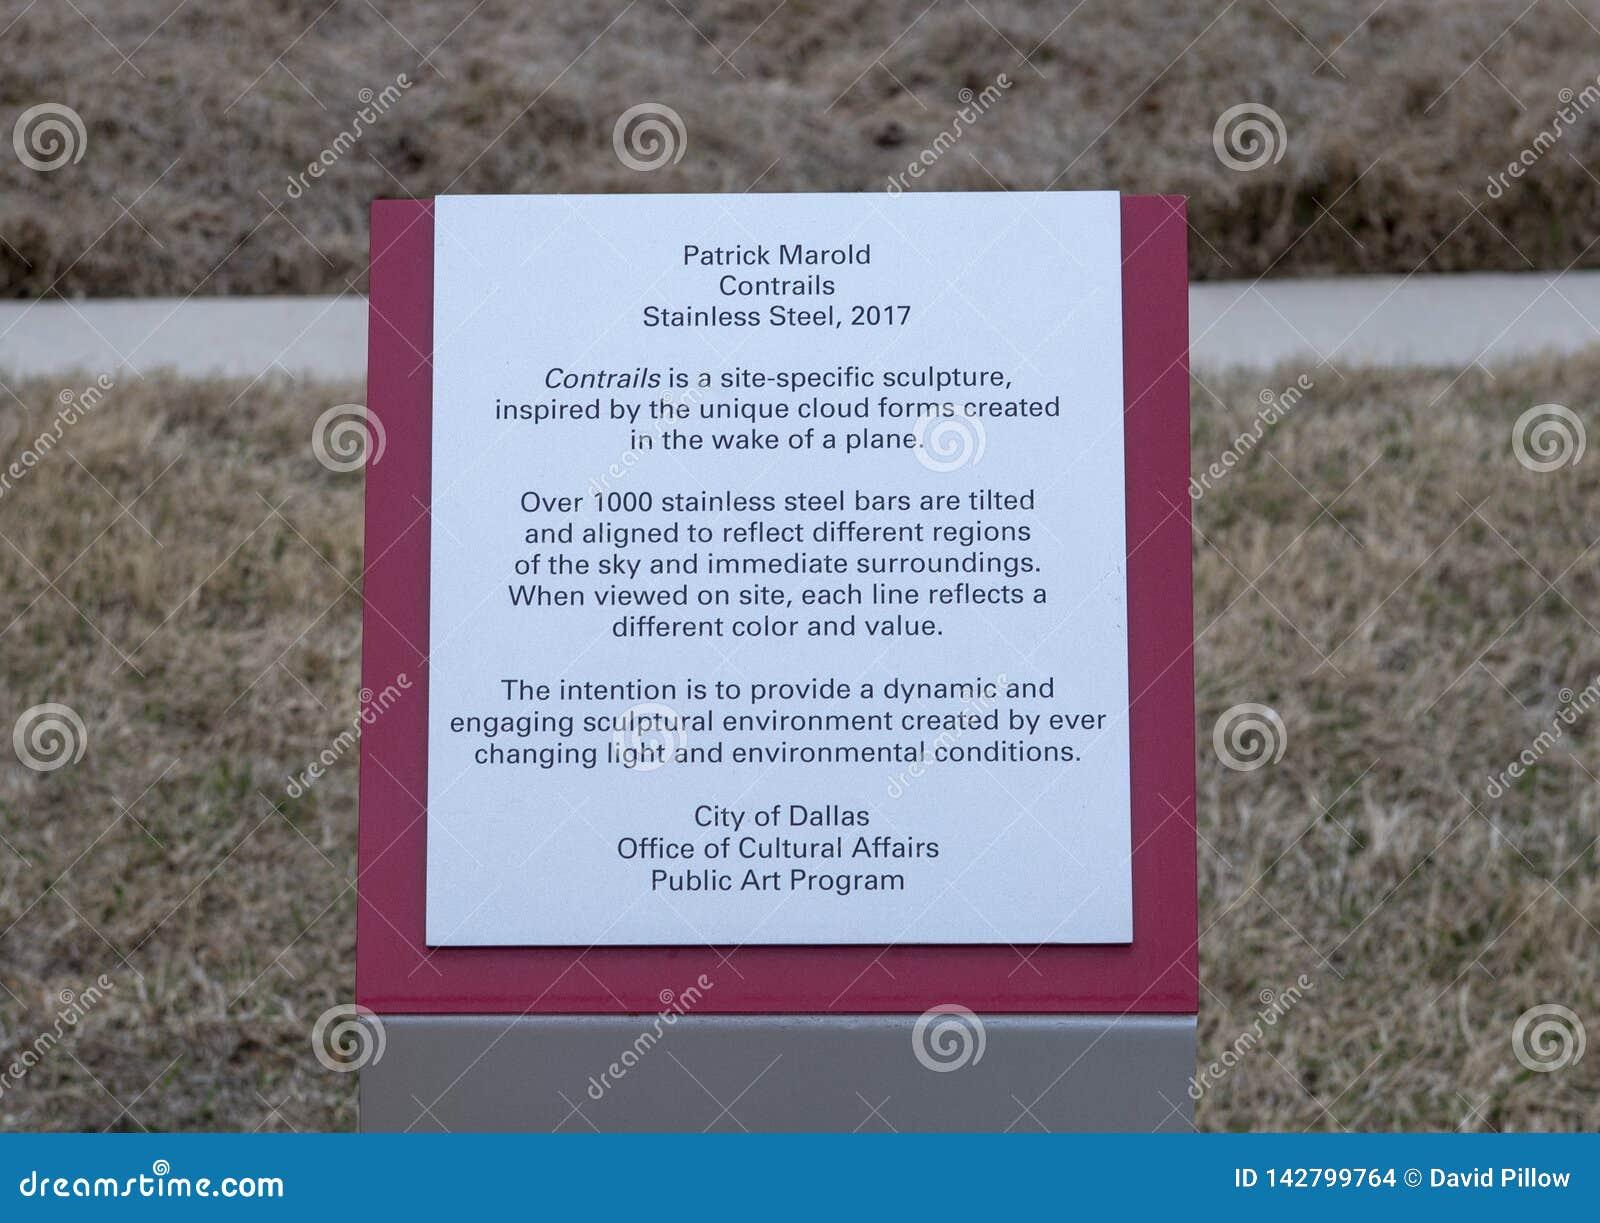 Informationsplakette für 'Contrails ', eine Edelstahlskulptur durch Patrick Marold, Liebes-Feld, Dallas, Texas